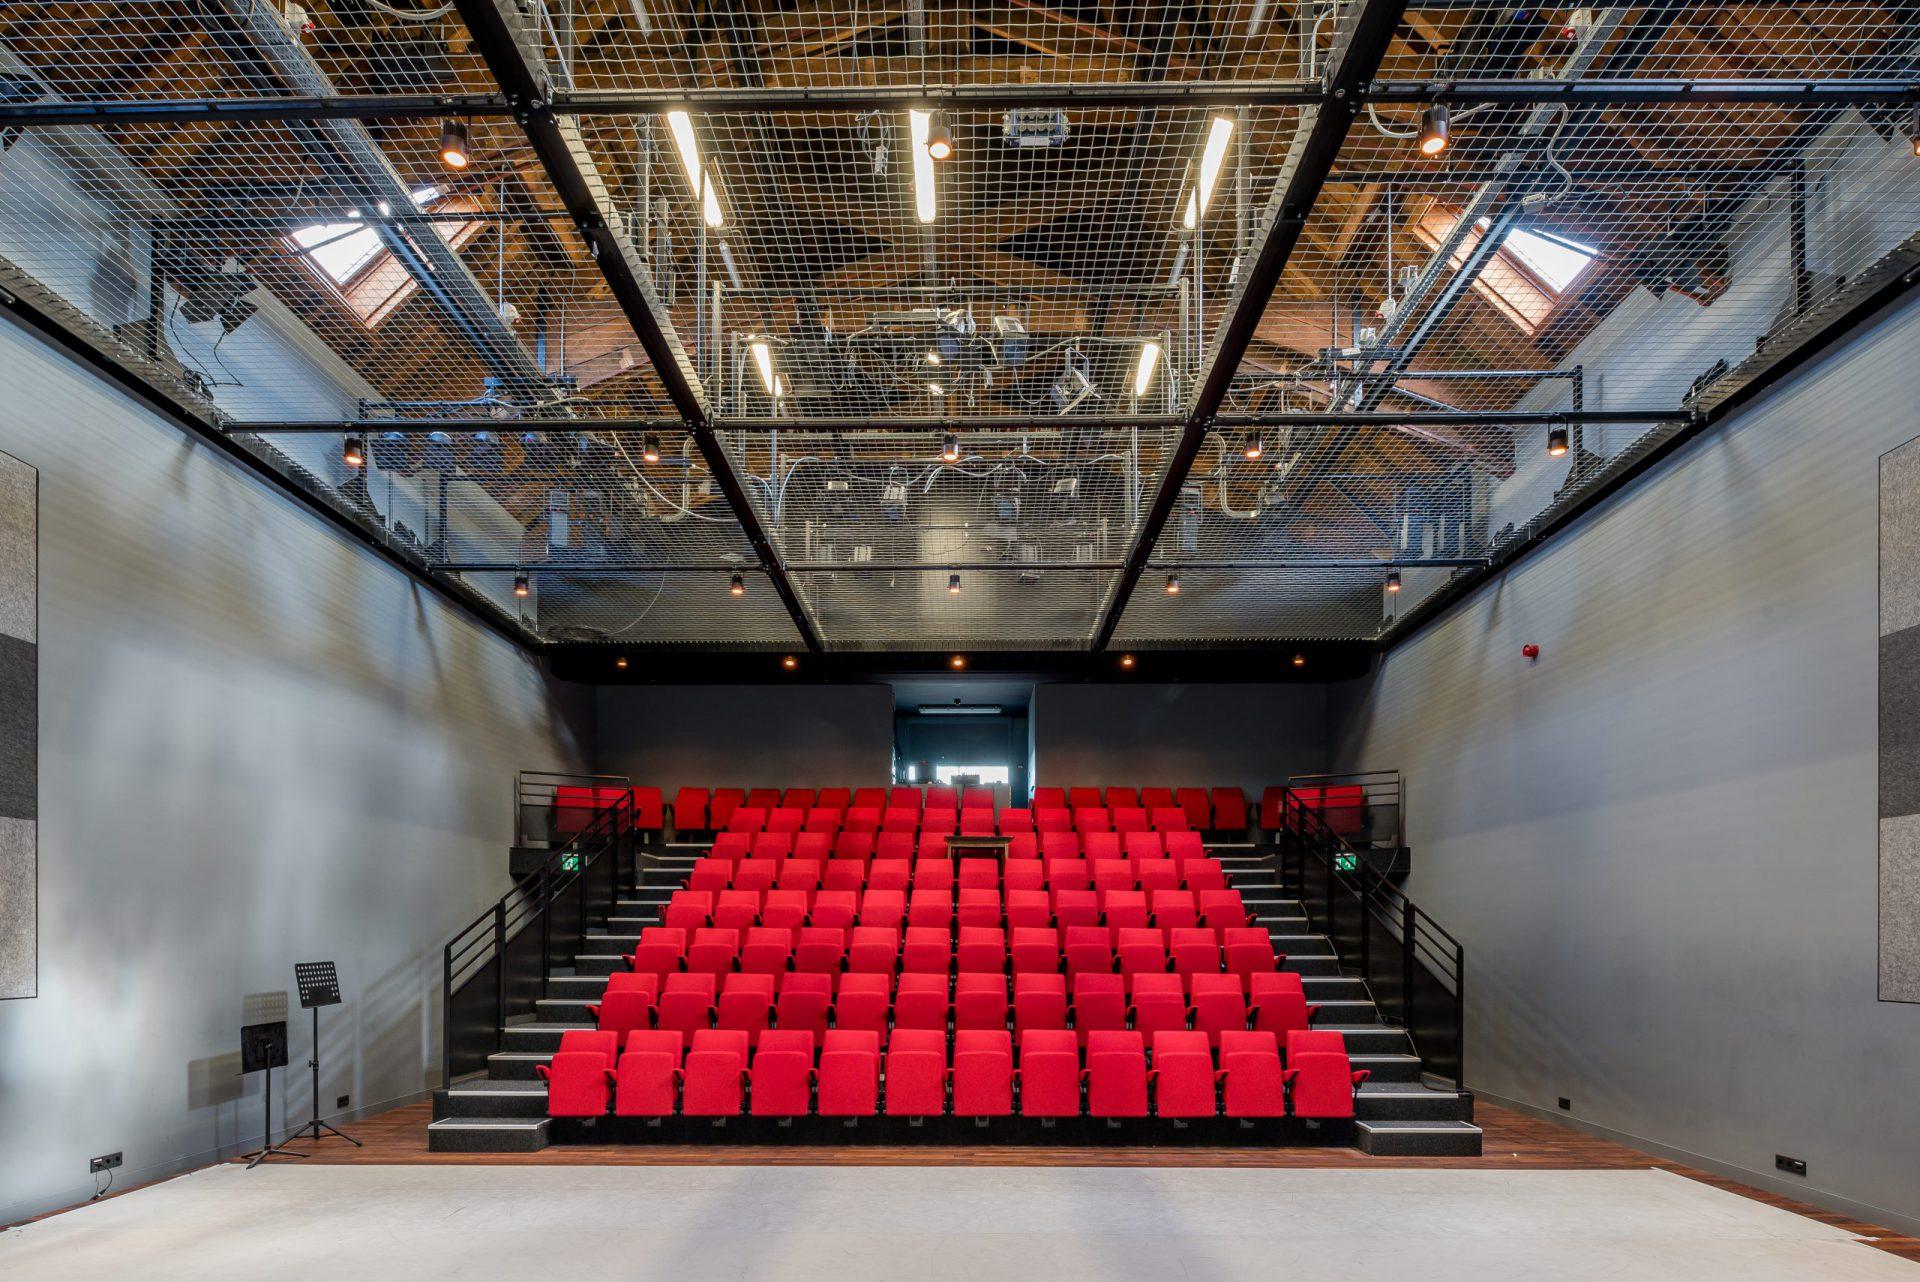 Bovenzaal Theater a/d Rijn - foto Jan de Vries